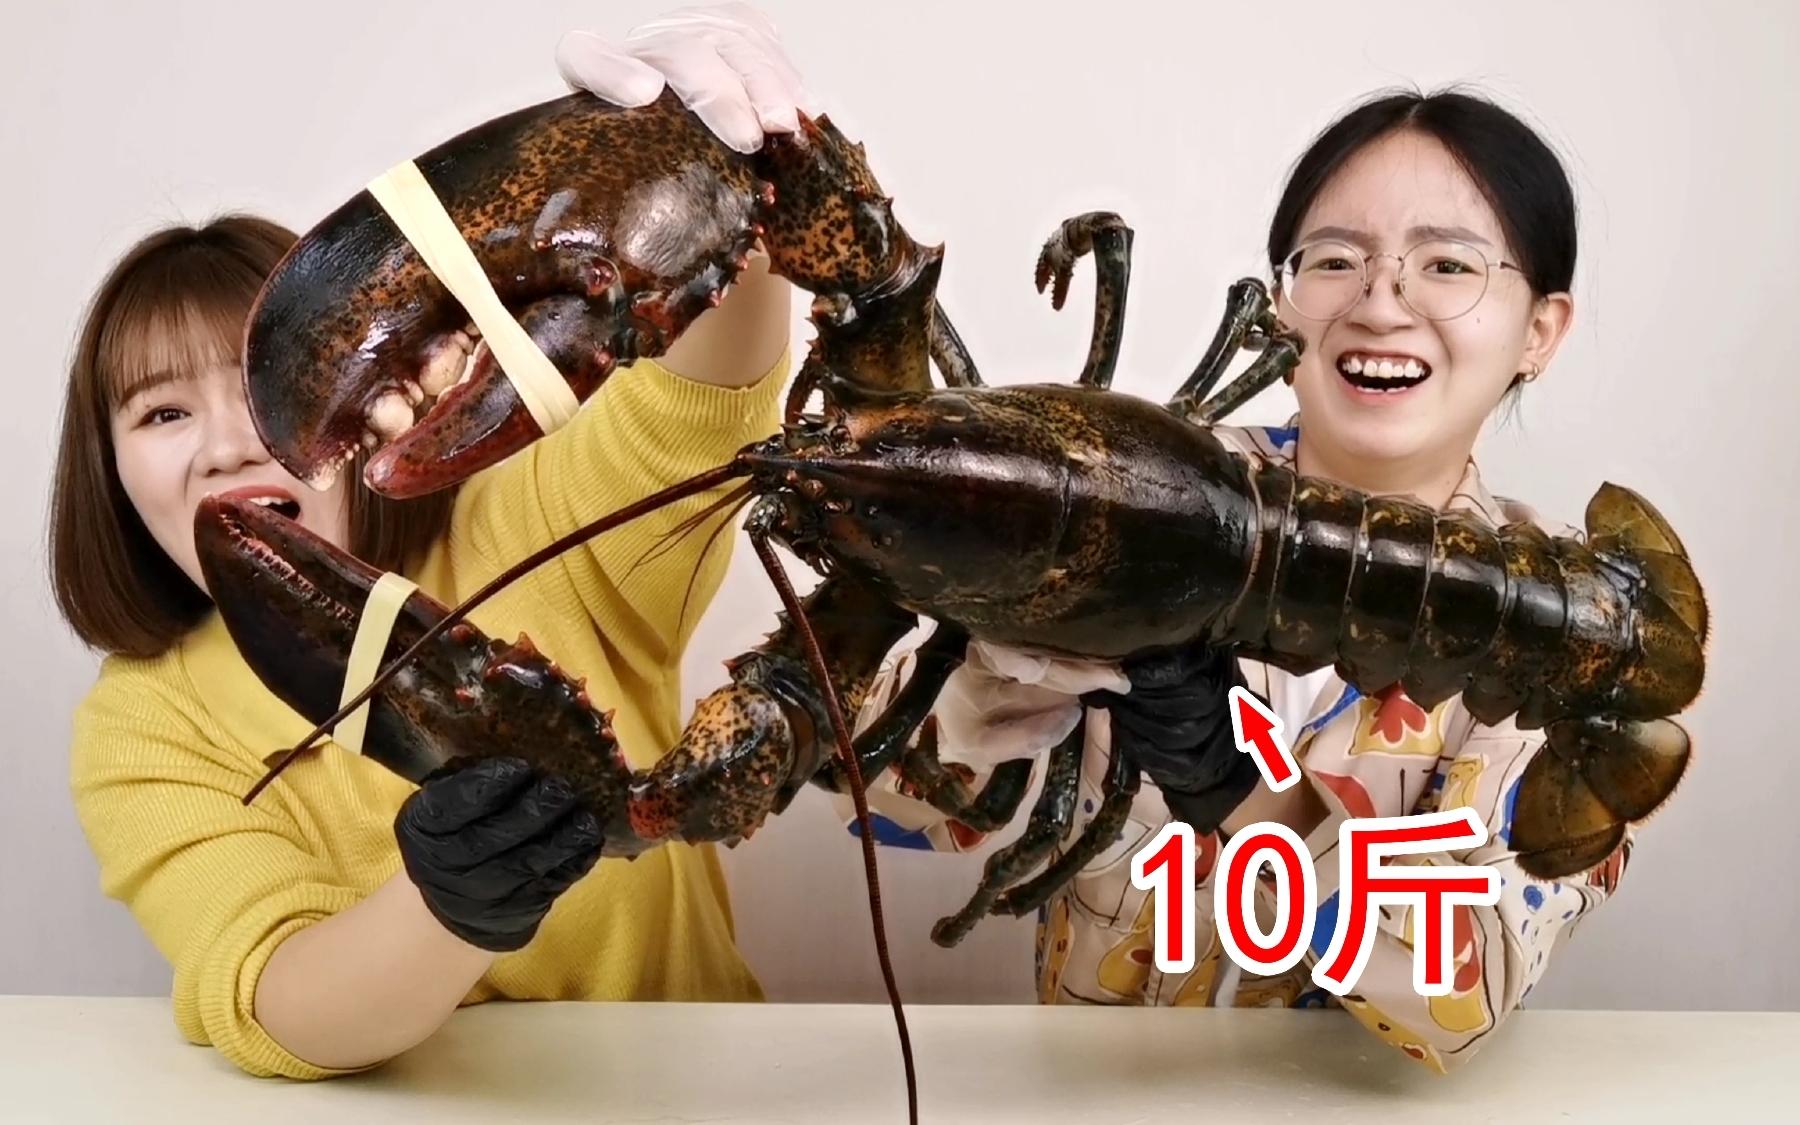 10斤的波士顿大龙虾做成虾片会是什么味道!